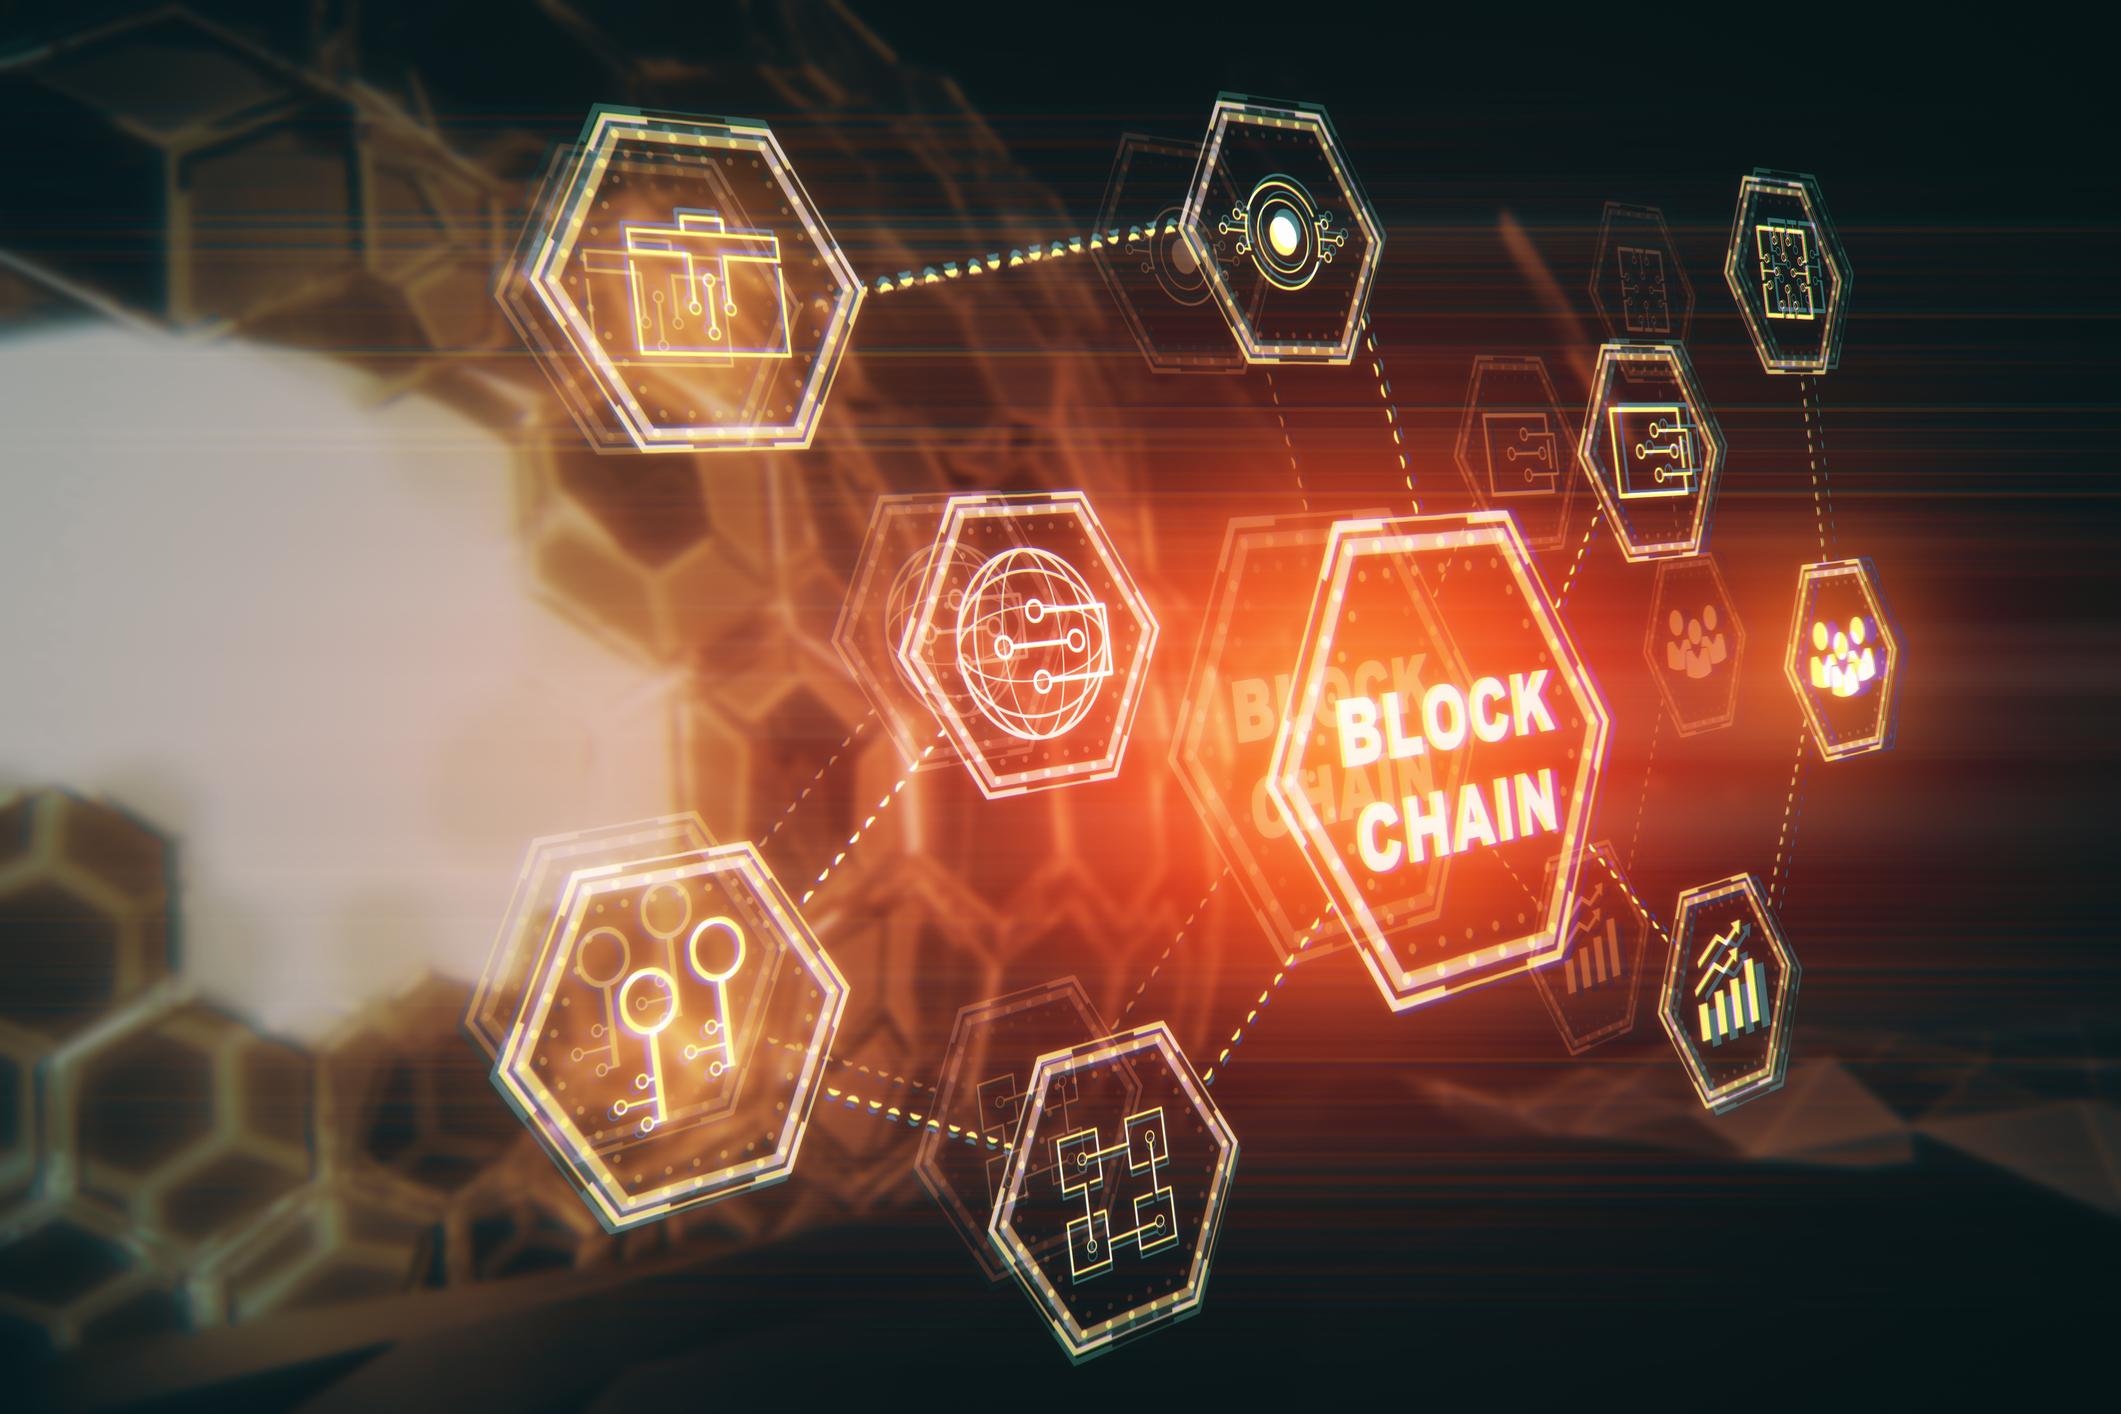 An illustration of blockchain technologies.